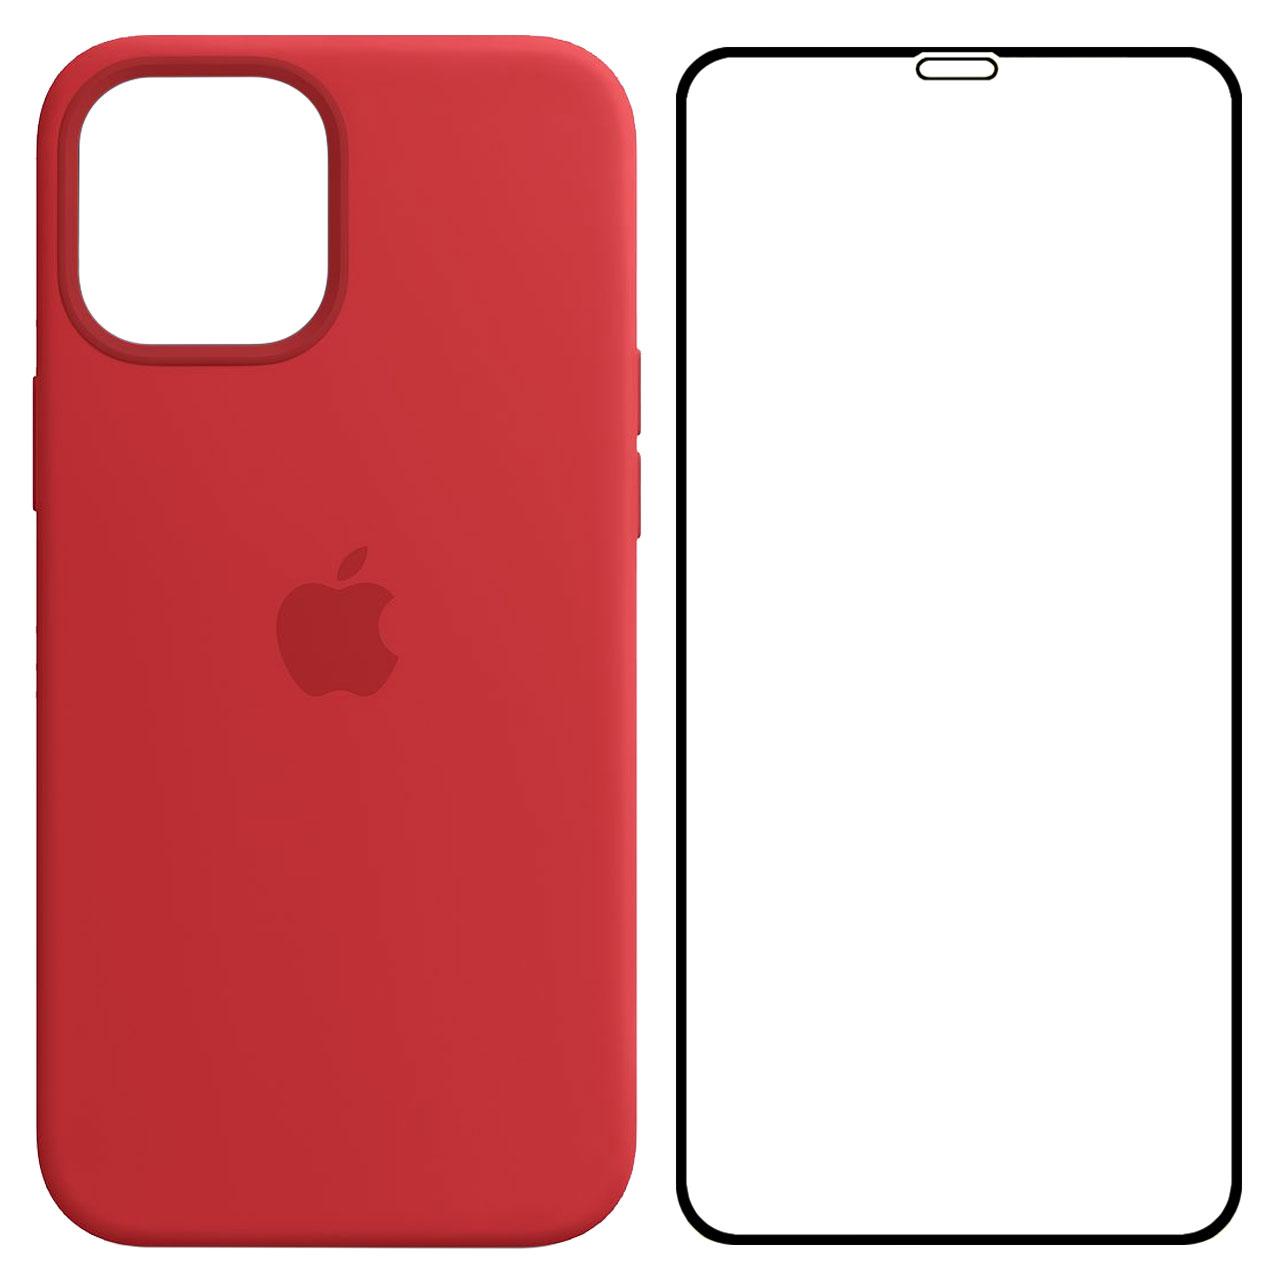 کاور مدل SLCN مناسب برای گوشی موبایل اپل iPhone 12 Pro Max به همراه محافظ صفحه نمایش